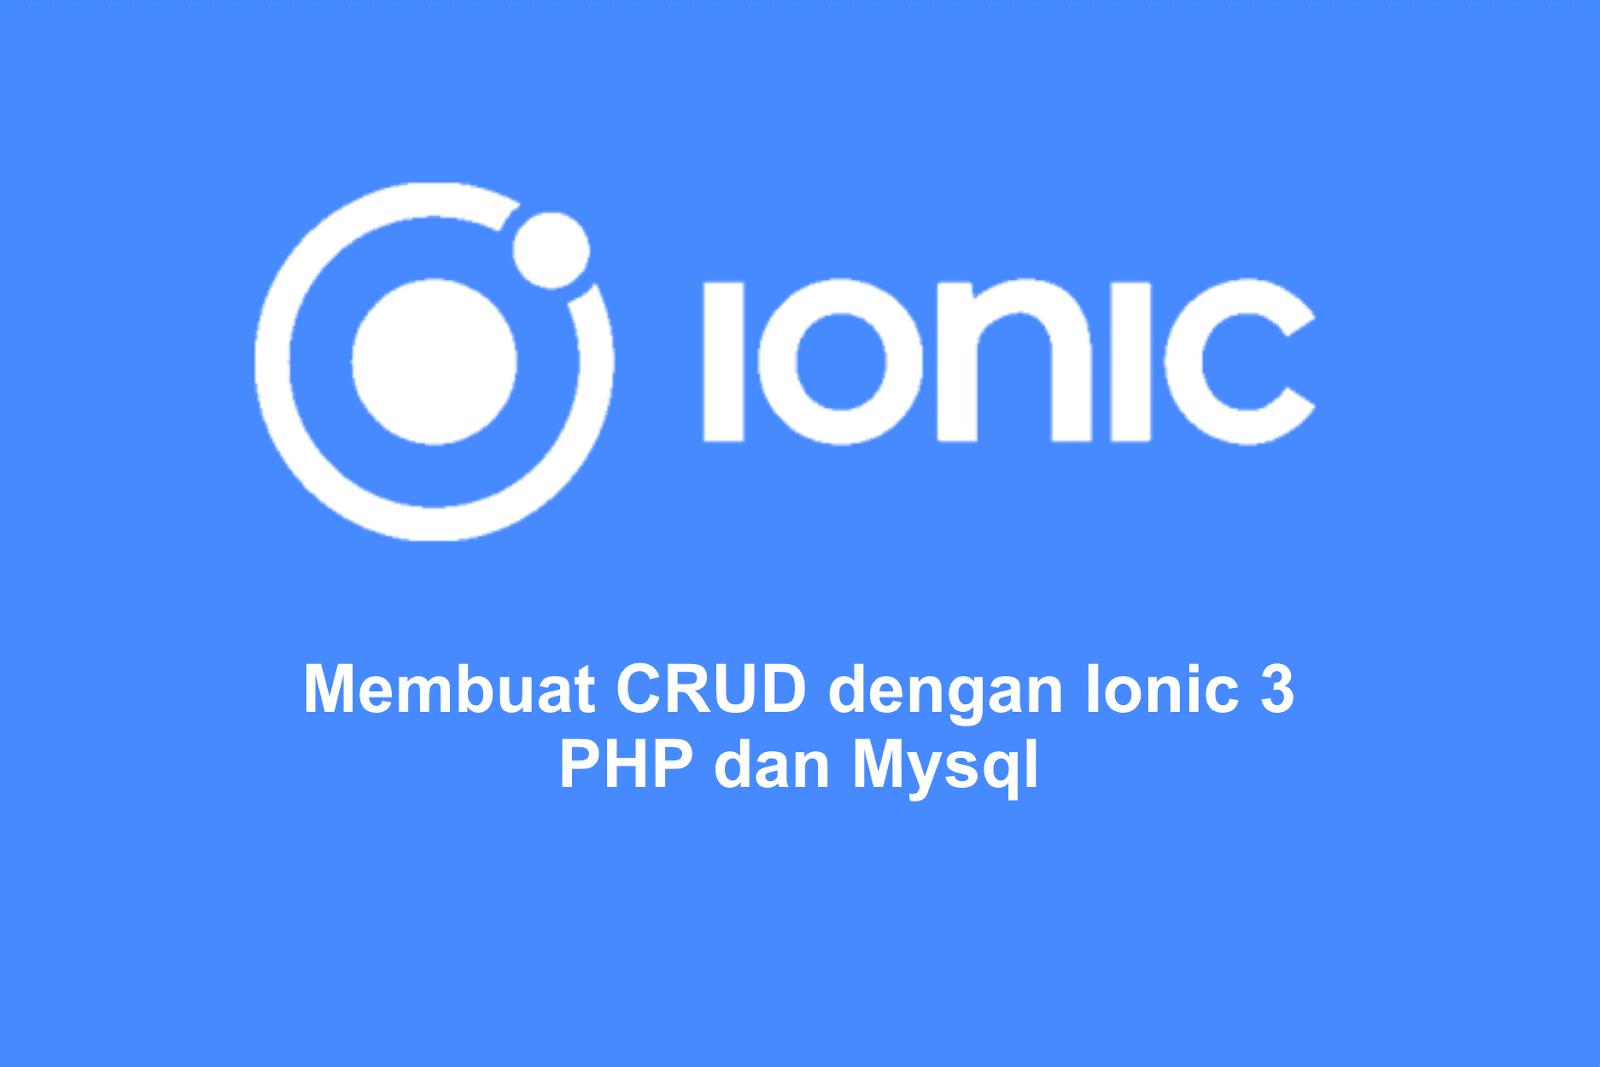 Membuat Crud Dengan Ionic 3 Php Dan Mysql Part 1 Mari Belajar Coding